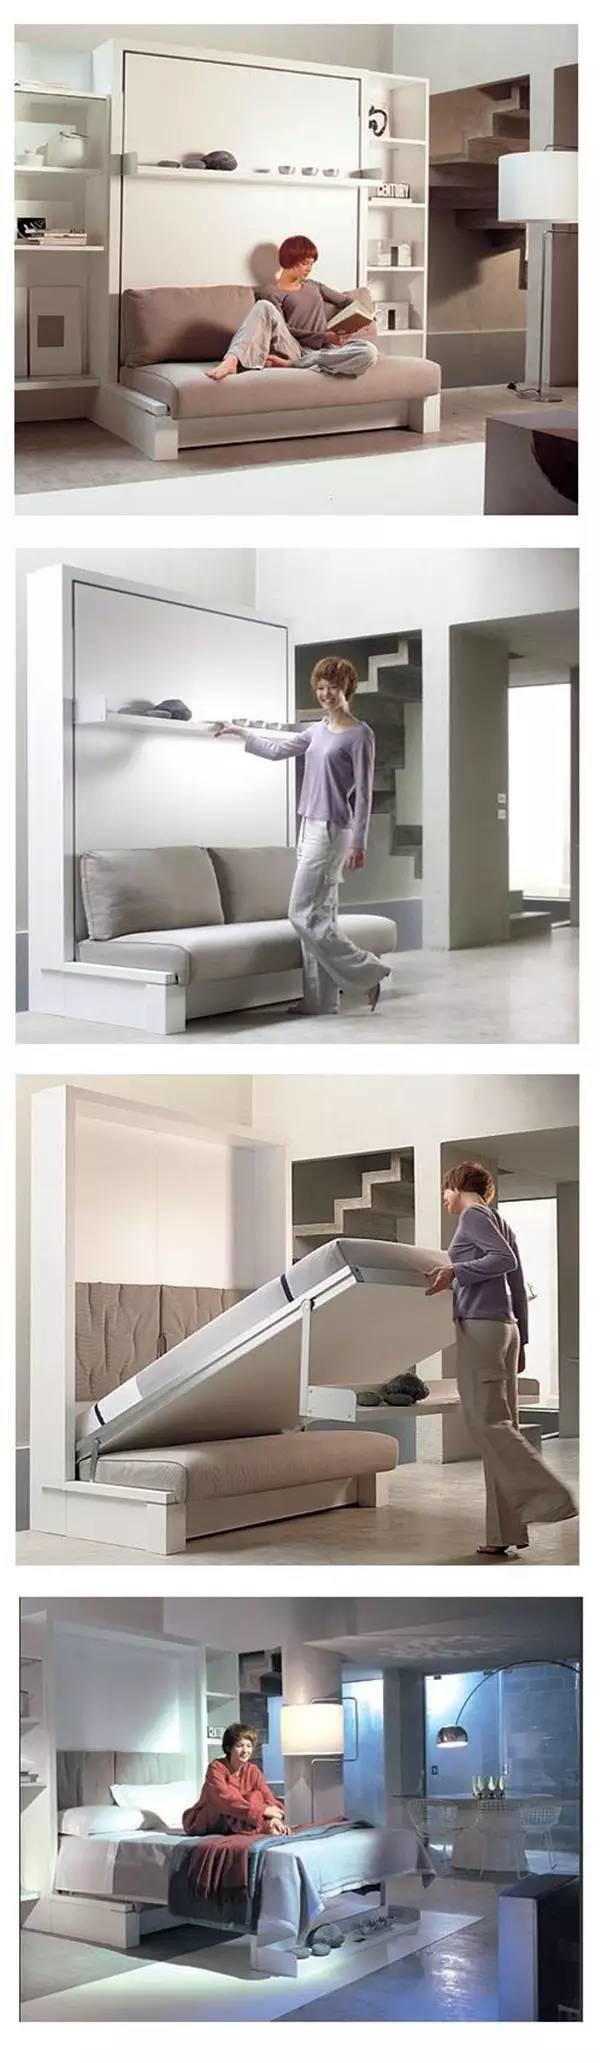 15+ Ingeniosos Muebles para Ahorrar Espacio